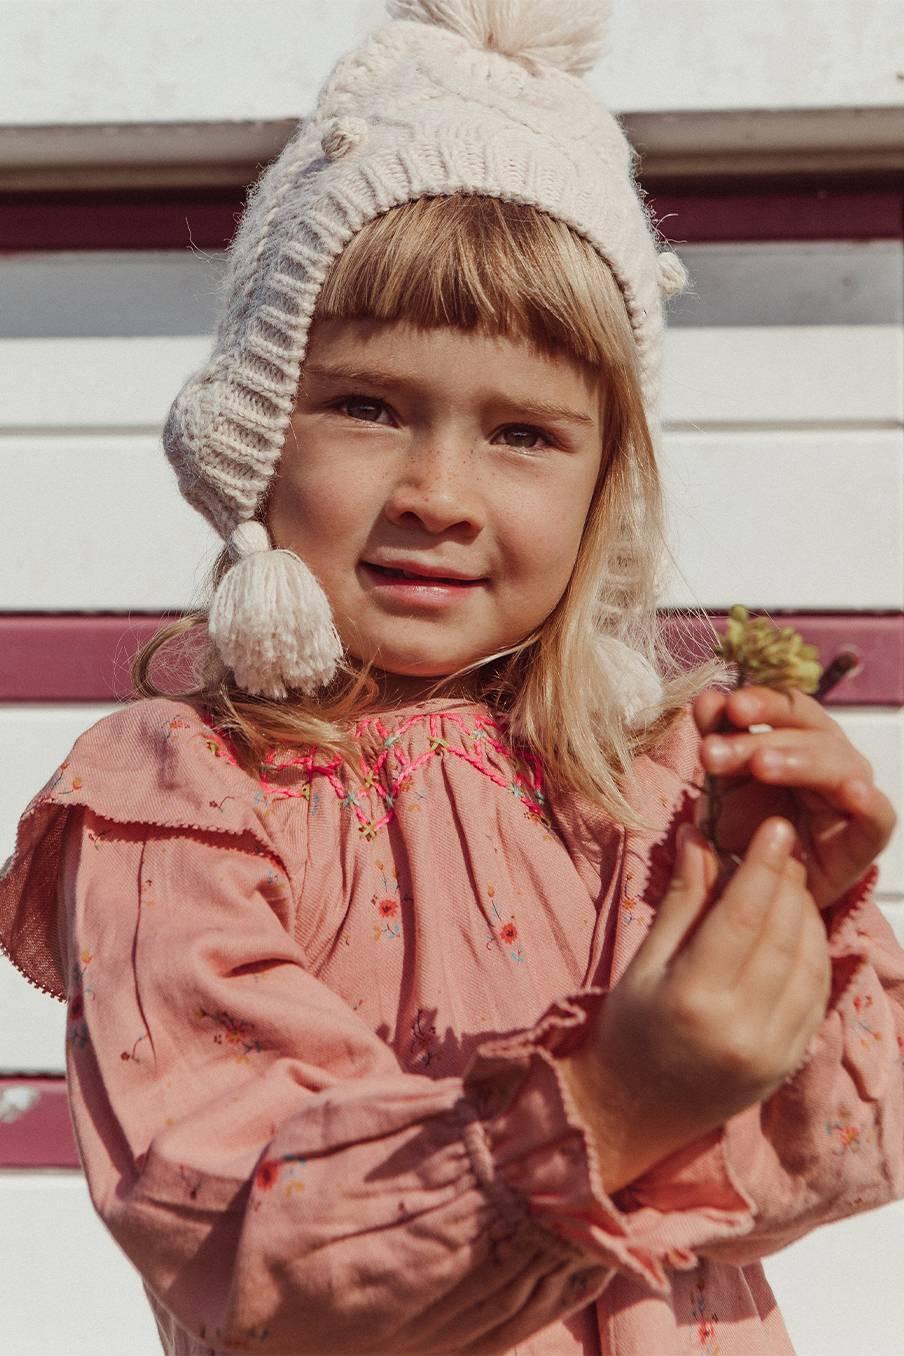 boheme chic vintage robe bébé fille lorena sienna meadows